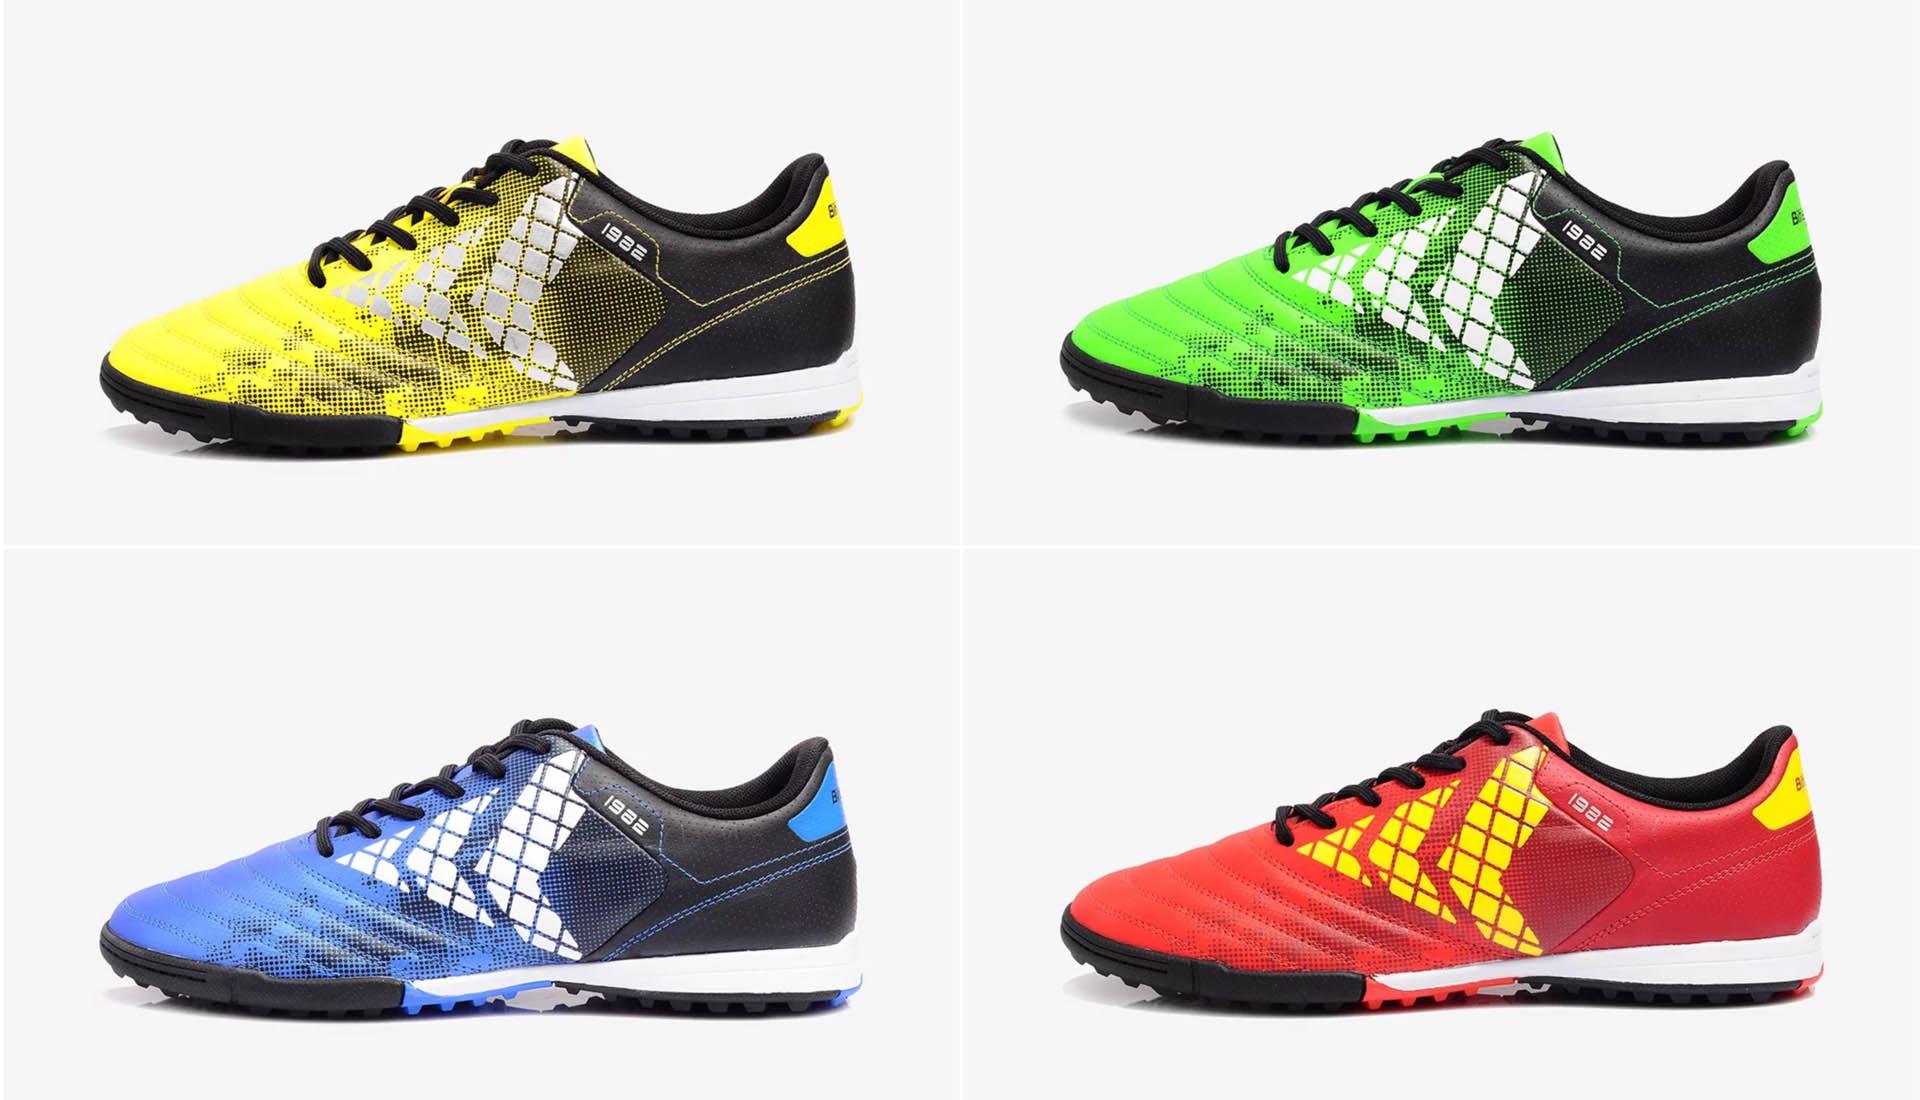 Giày đá bóng Bitis được ra mắt với dòng giày Biti's Hunter ở thị trường Việt Nam